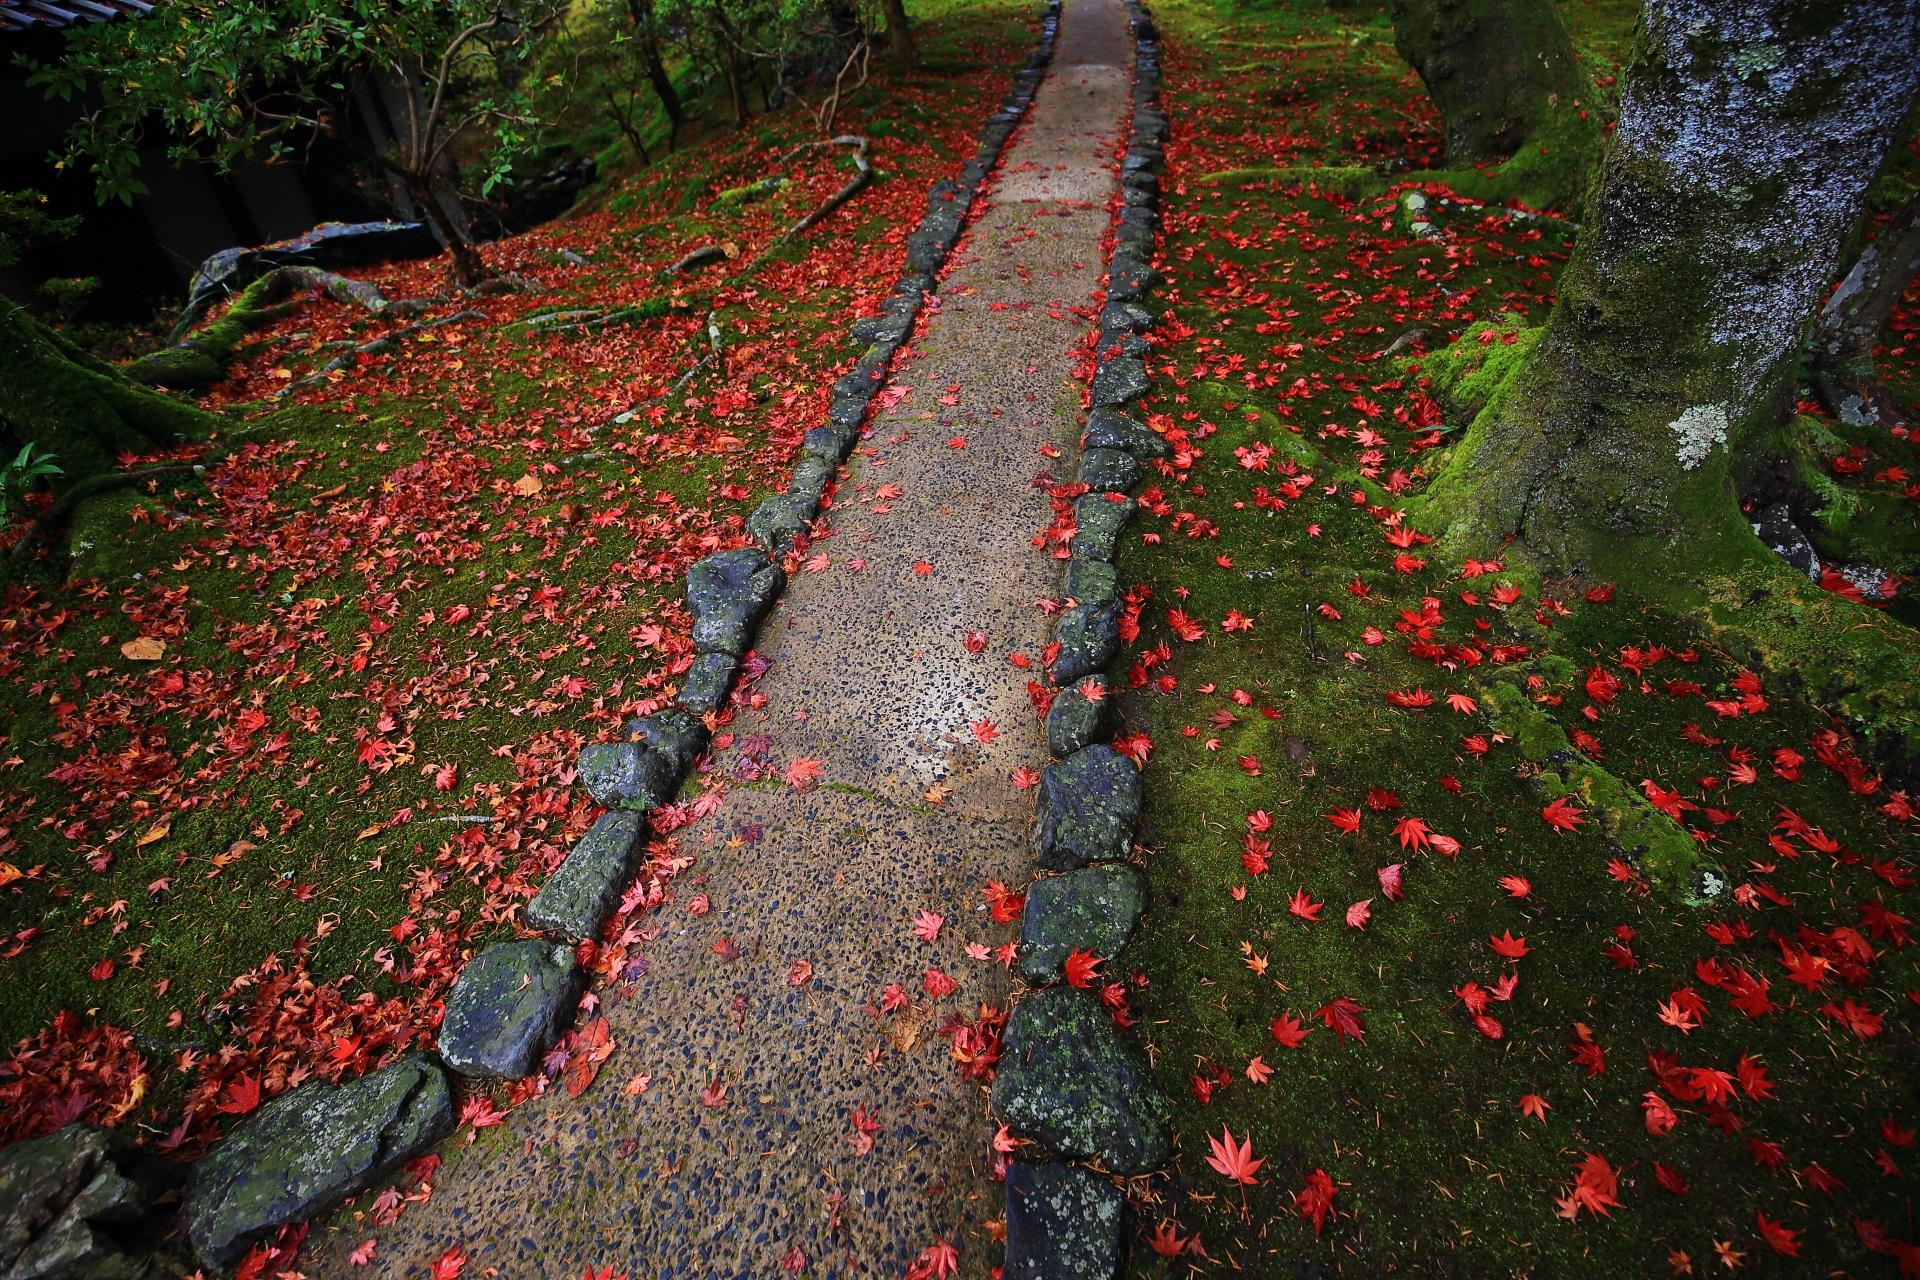 赤い散り紅葉が艶やかに染める苔や参道